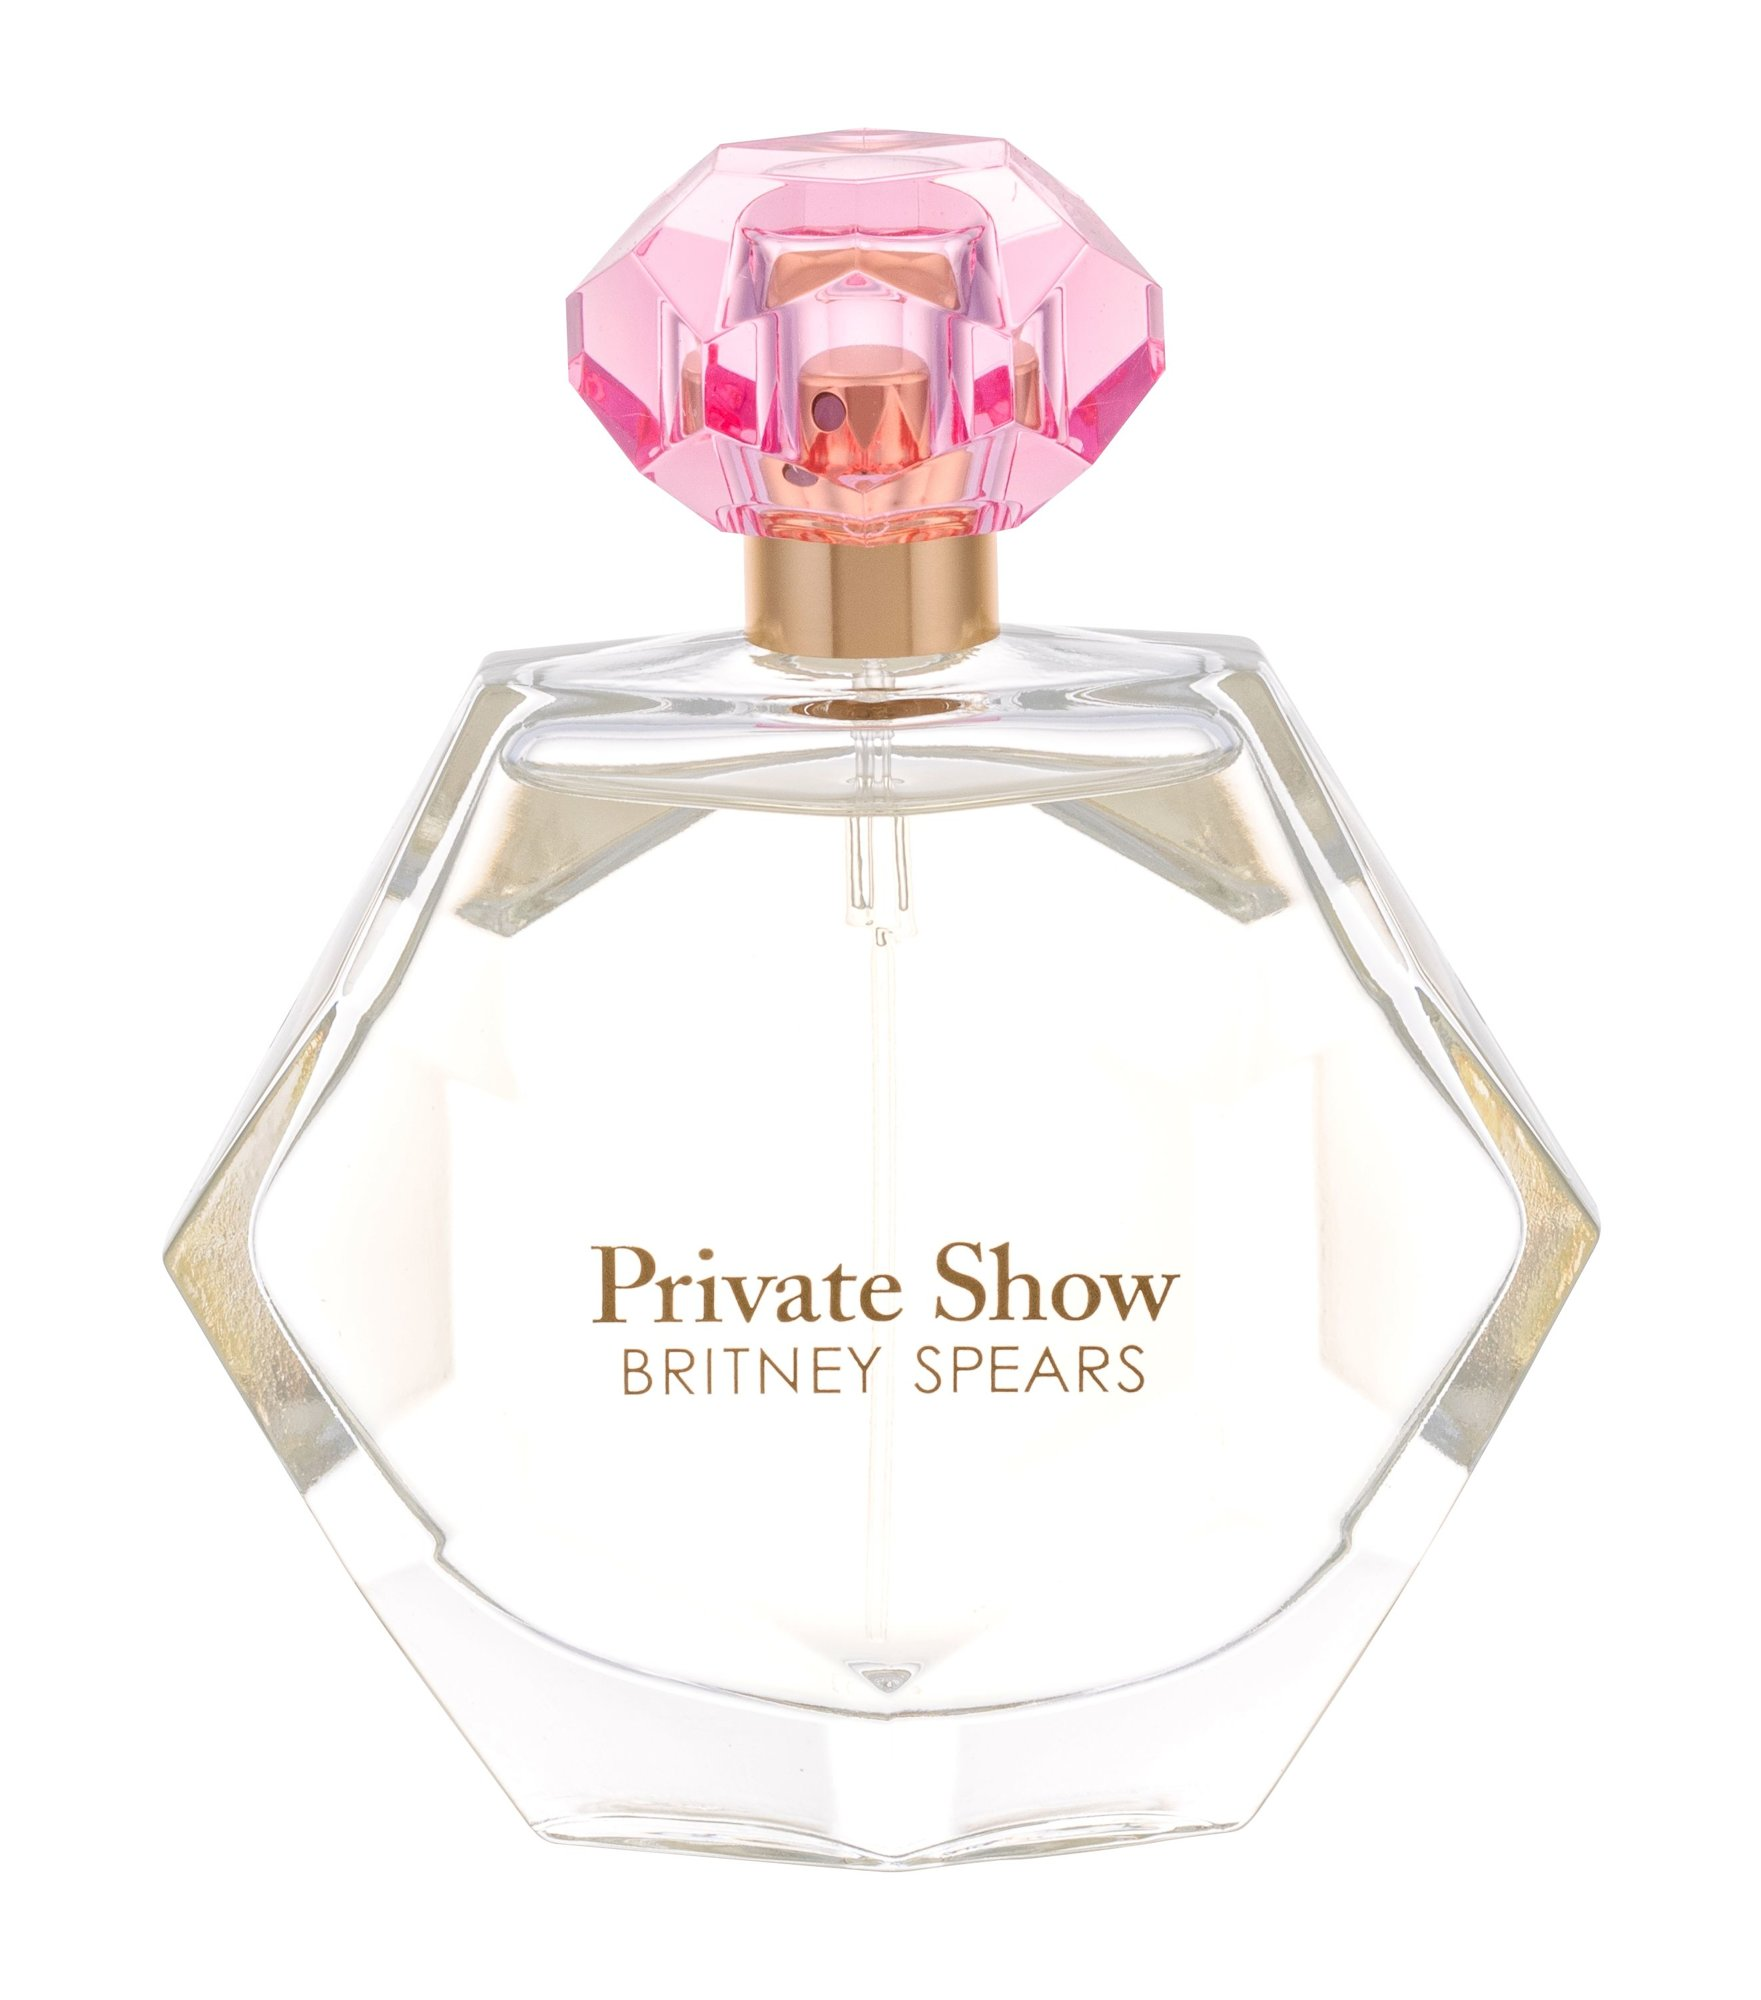 Britney Spears Private Show, Parfumovaná voda 100ml - Tester